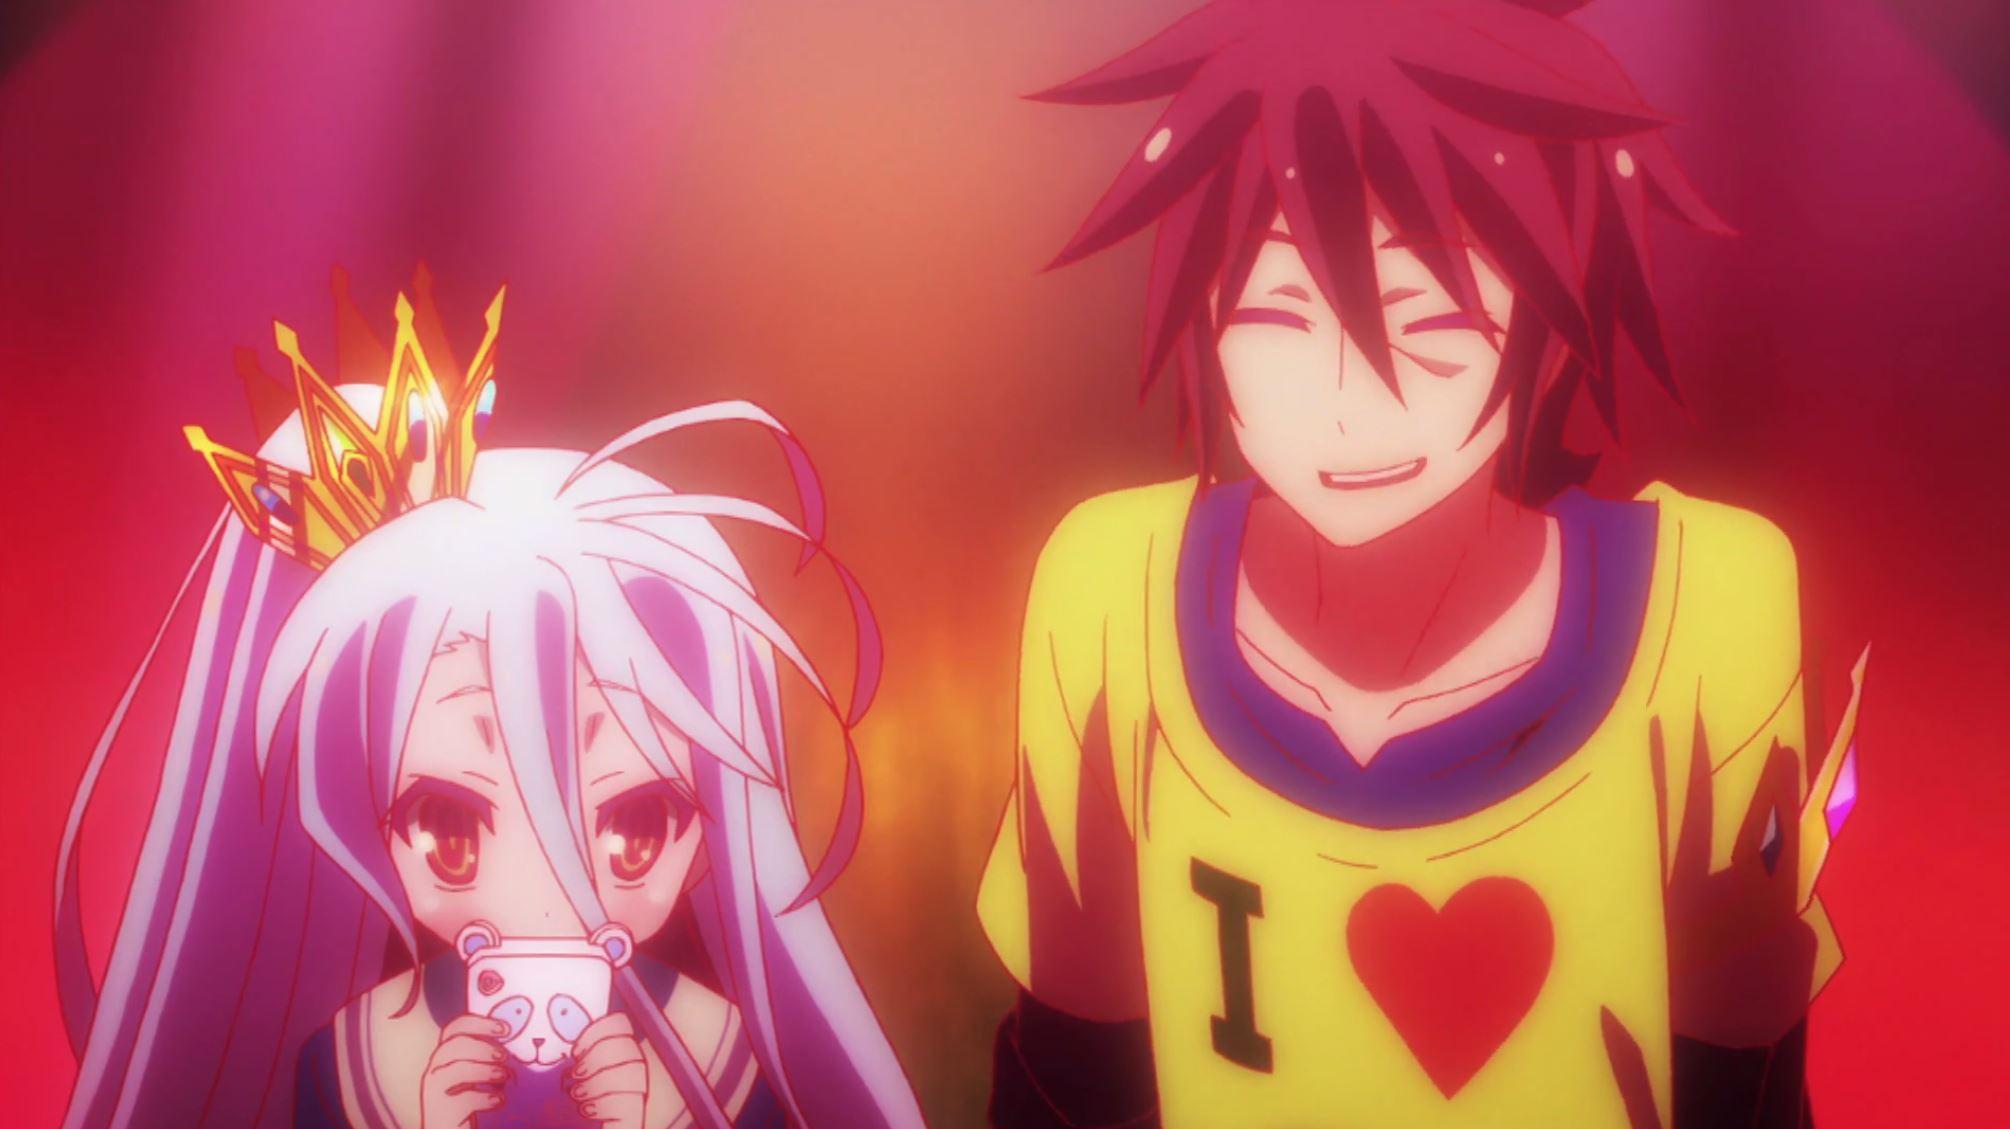 Sora and Shiro in No Game No Life Season 2